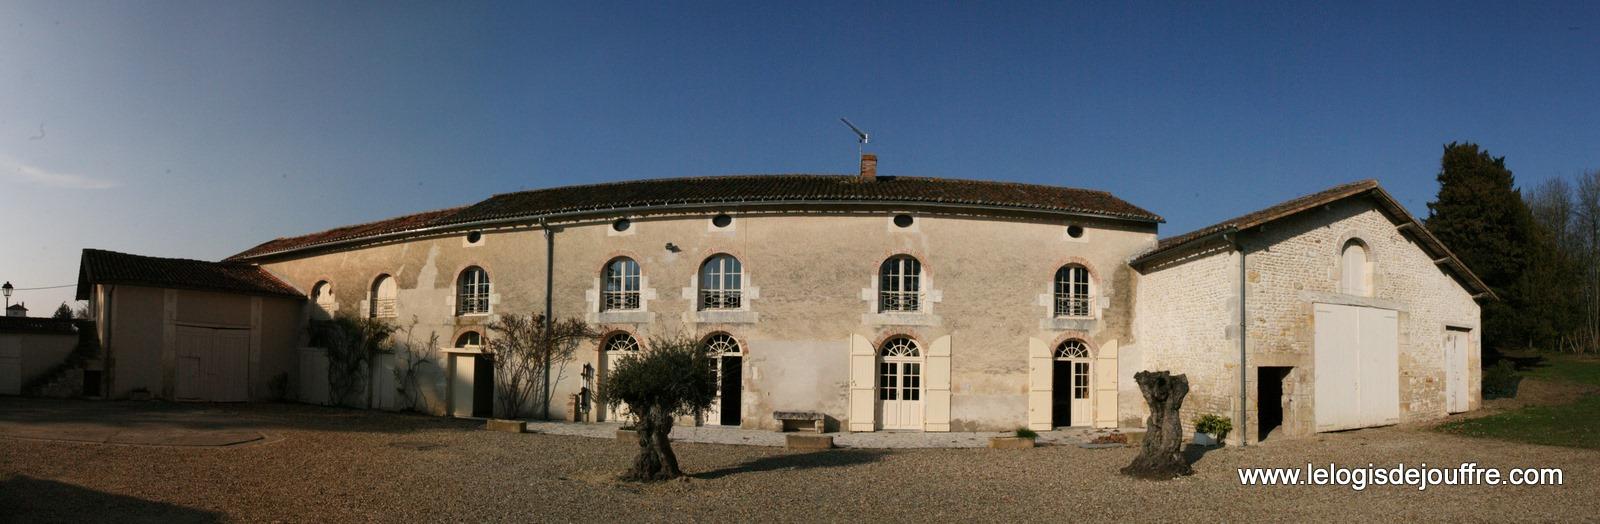 Gite-de-France-Location-de-Vacances-Logis-de-Jouffre-Vouille-86-Vienne Gîte rural N°470 à VOUILLE (Sud - Ouest), location Poitou-Charentes, Location Vienne 86